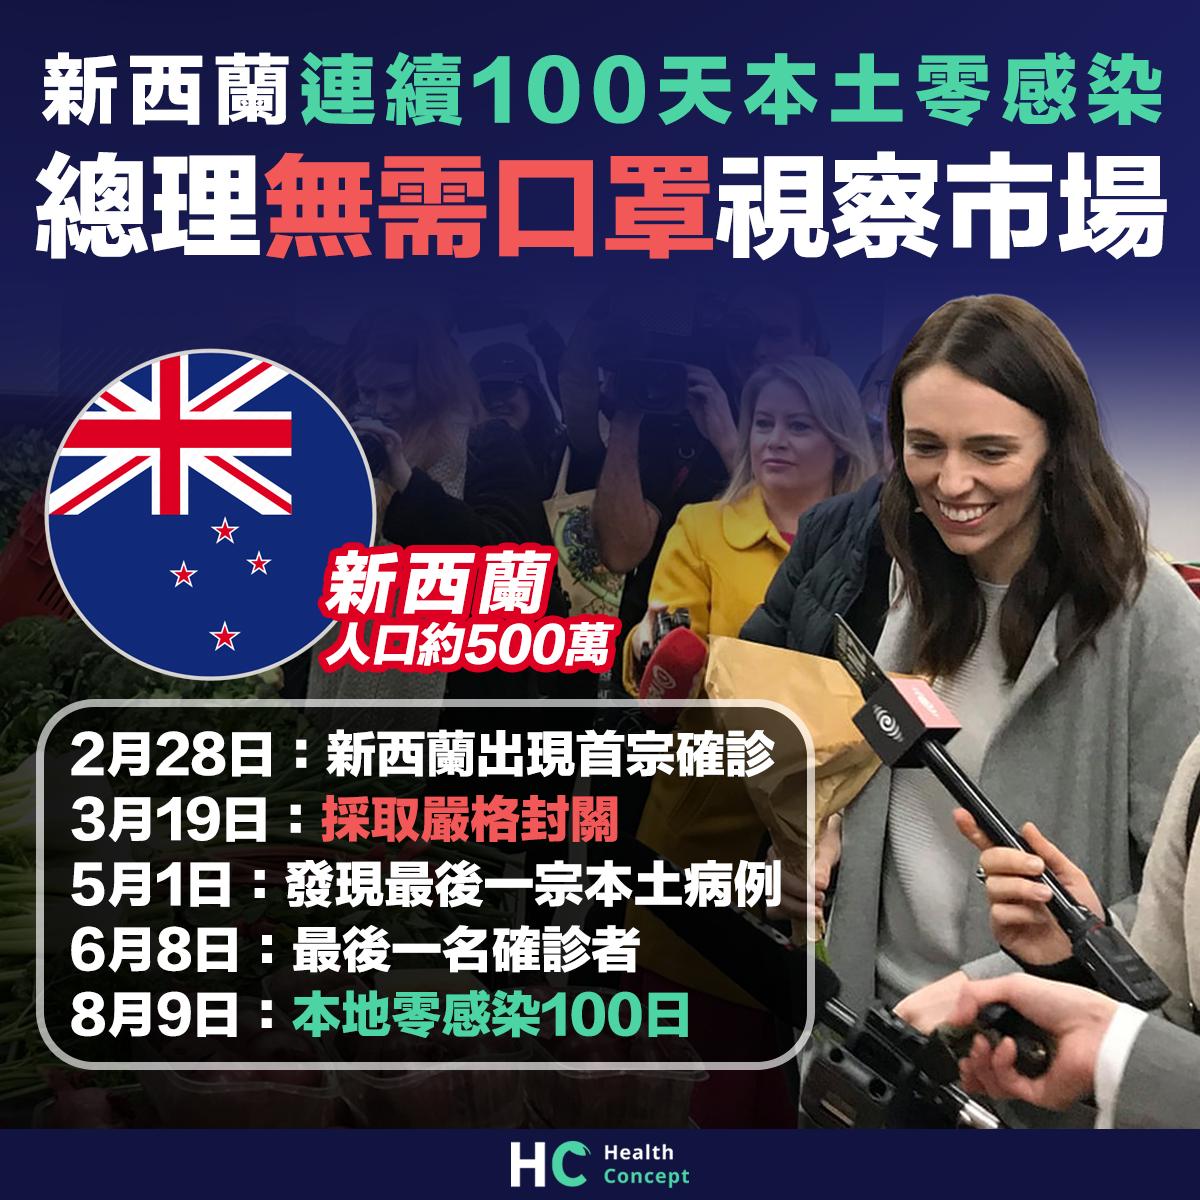 【新型肺炎】新西蘭連續100天本土零感染 總理無需口罩視察市場